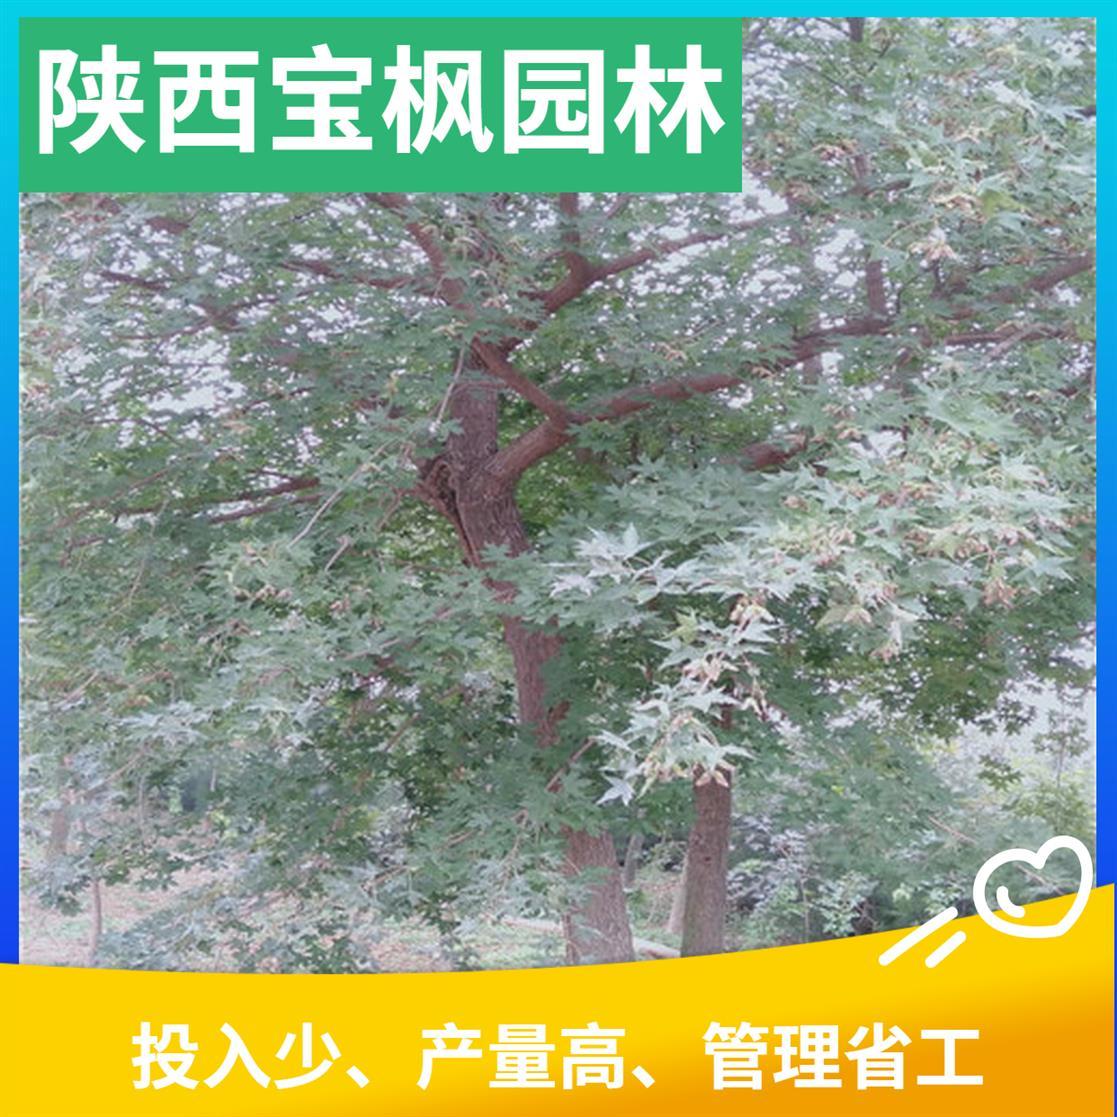 广东2公分元宝枫泡茶 七叶树 基地品种齐全